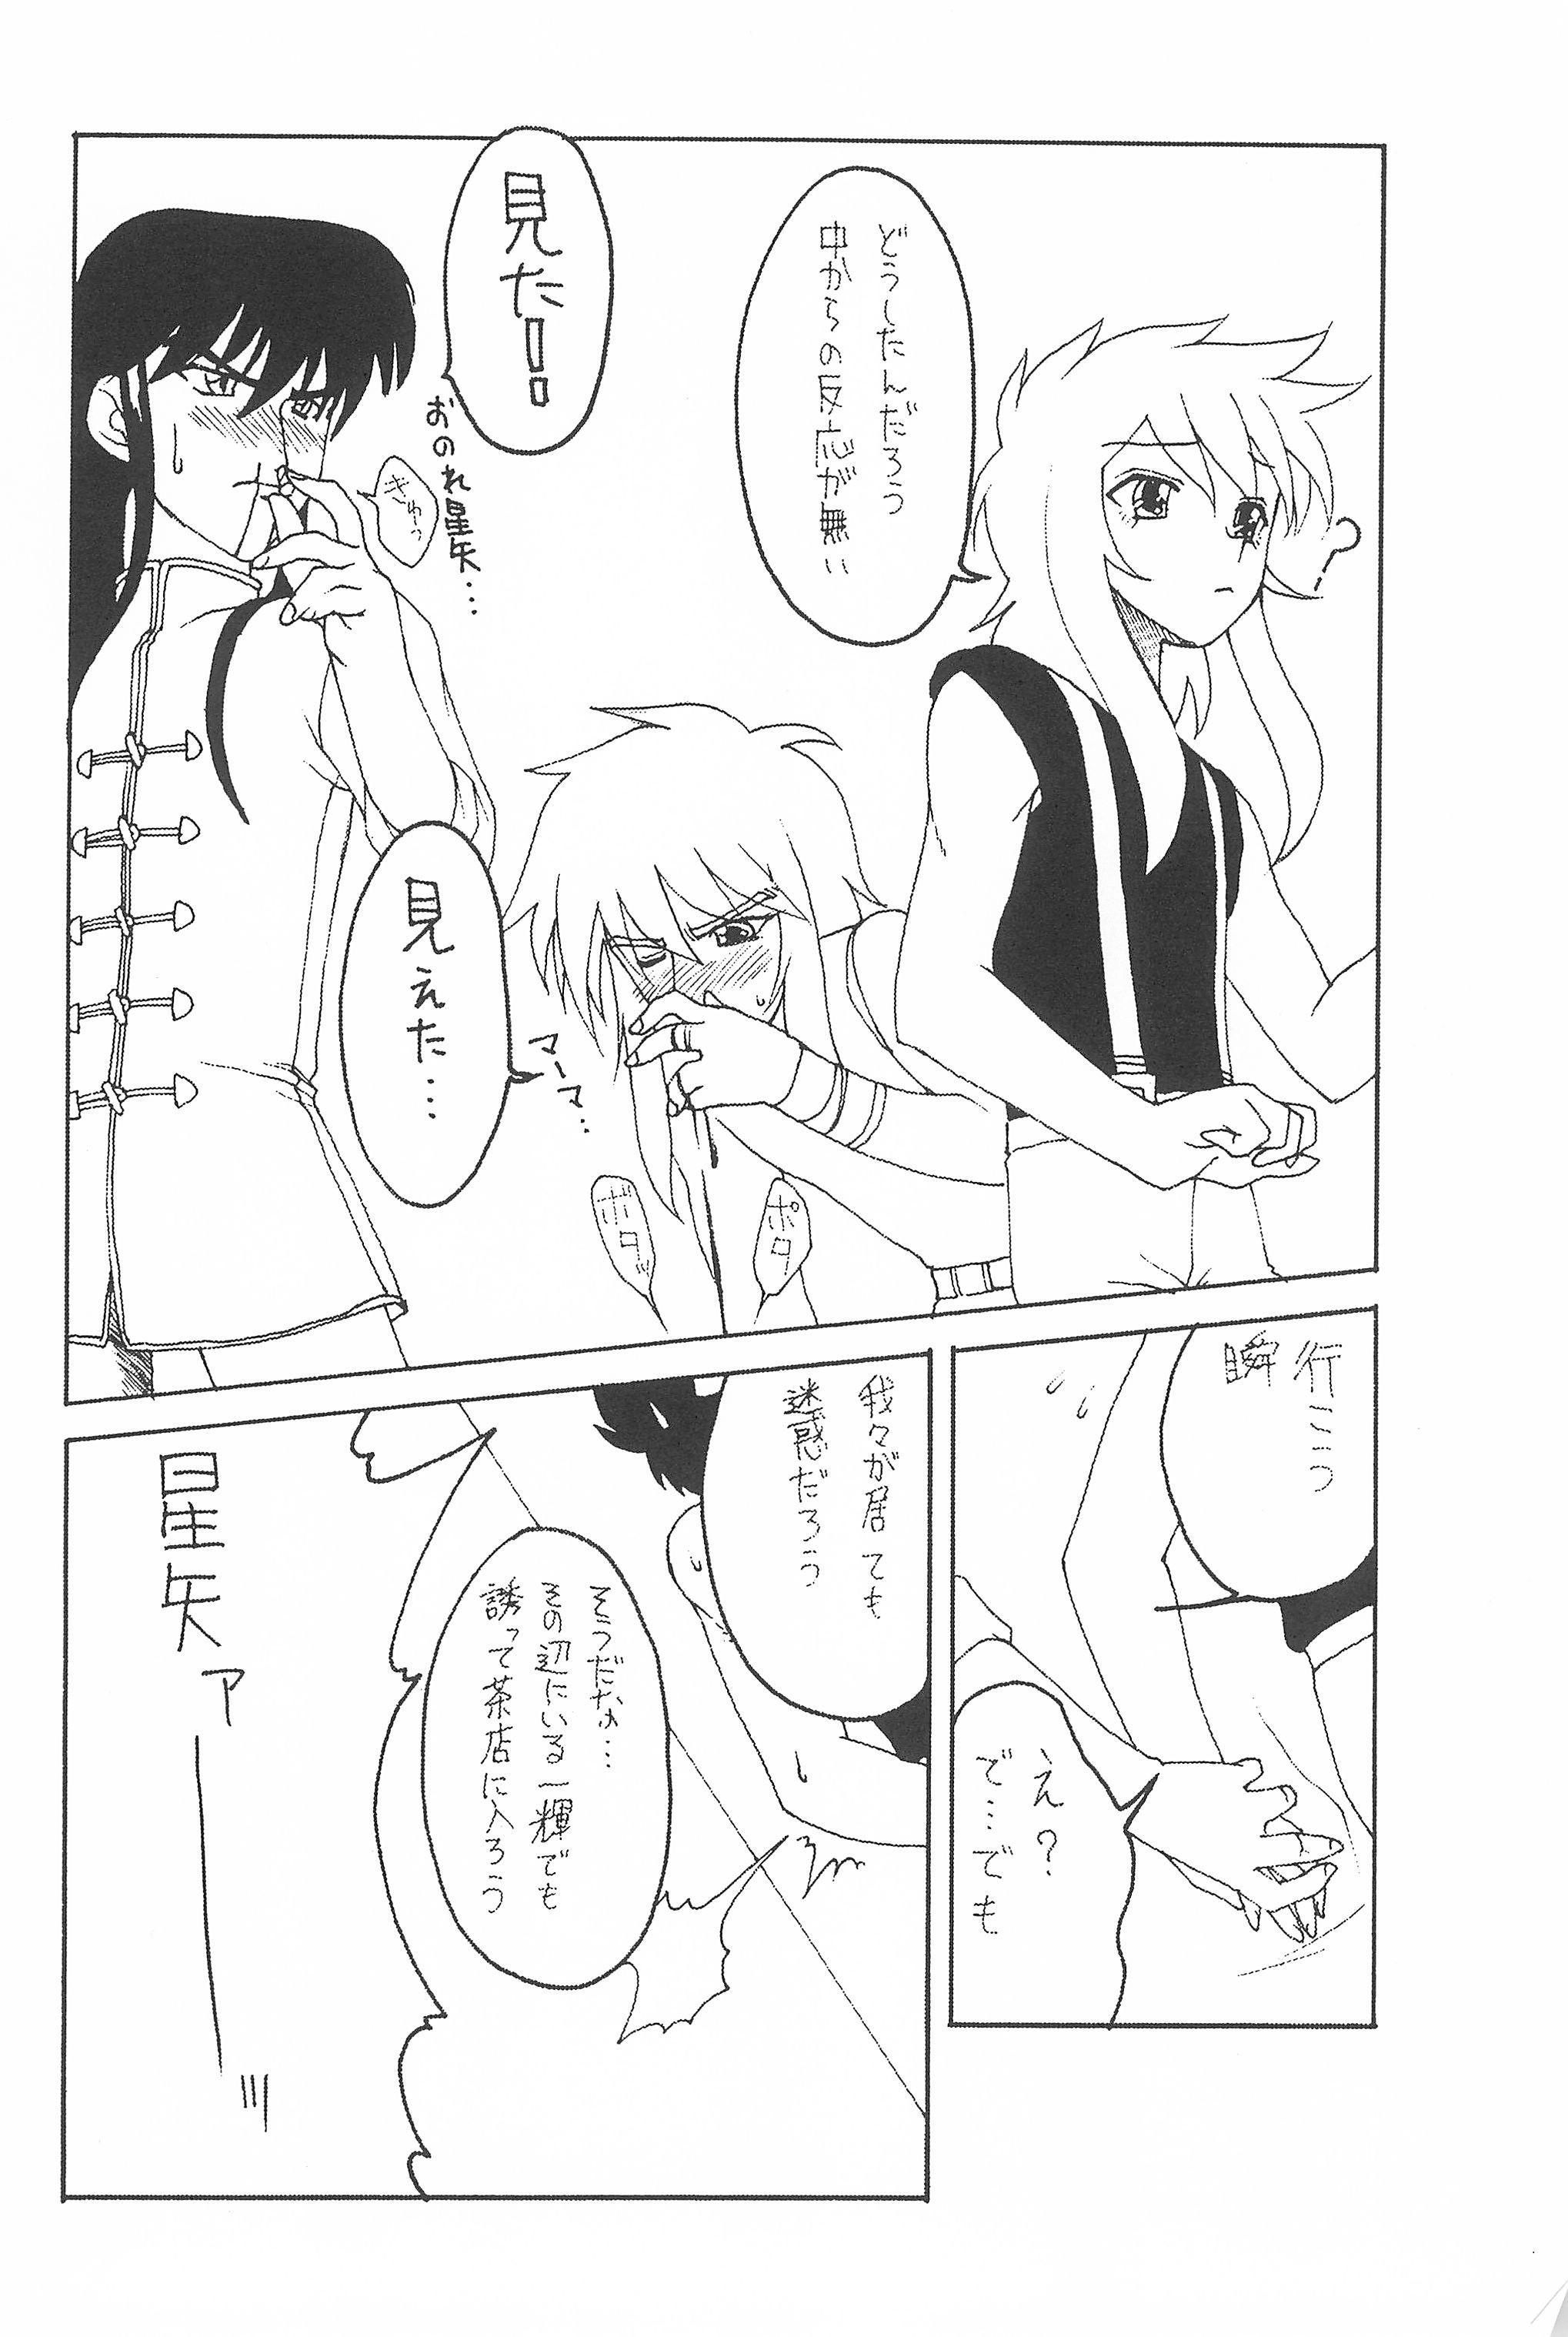 (SC22) [Shinobi no Yakata (Iwama Yoshiki) JEWEL-BOX 10 LOLITA-SARAD (Various) 47